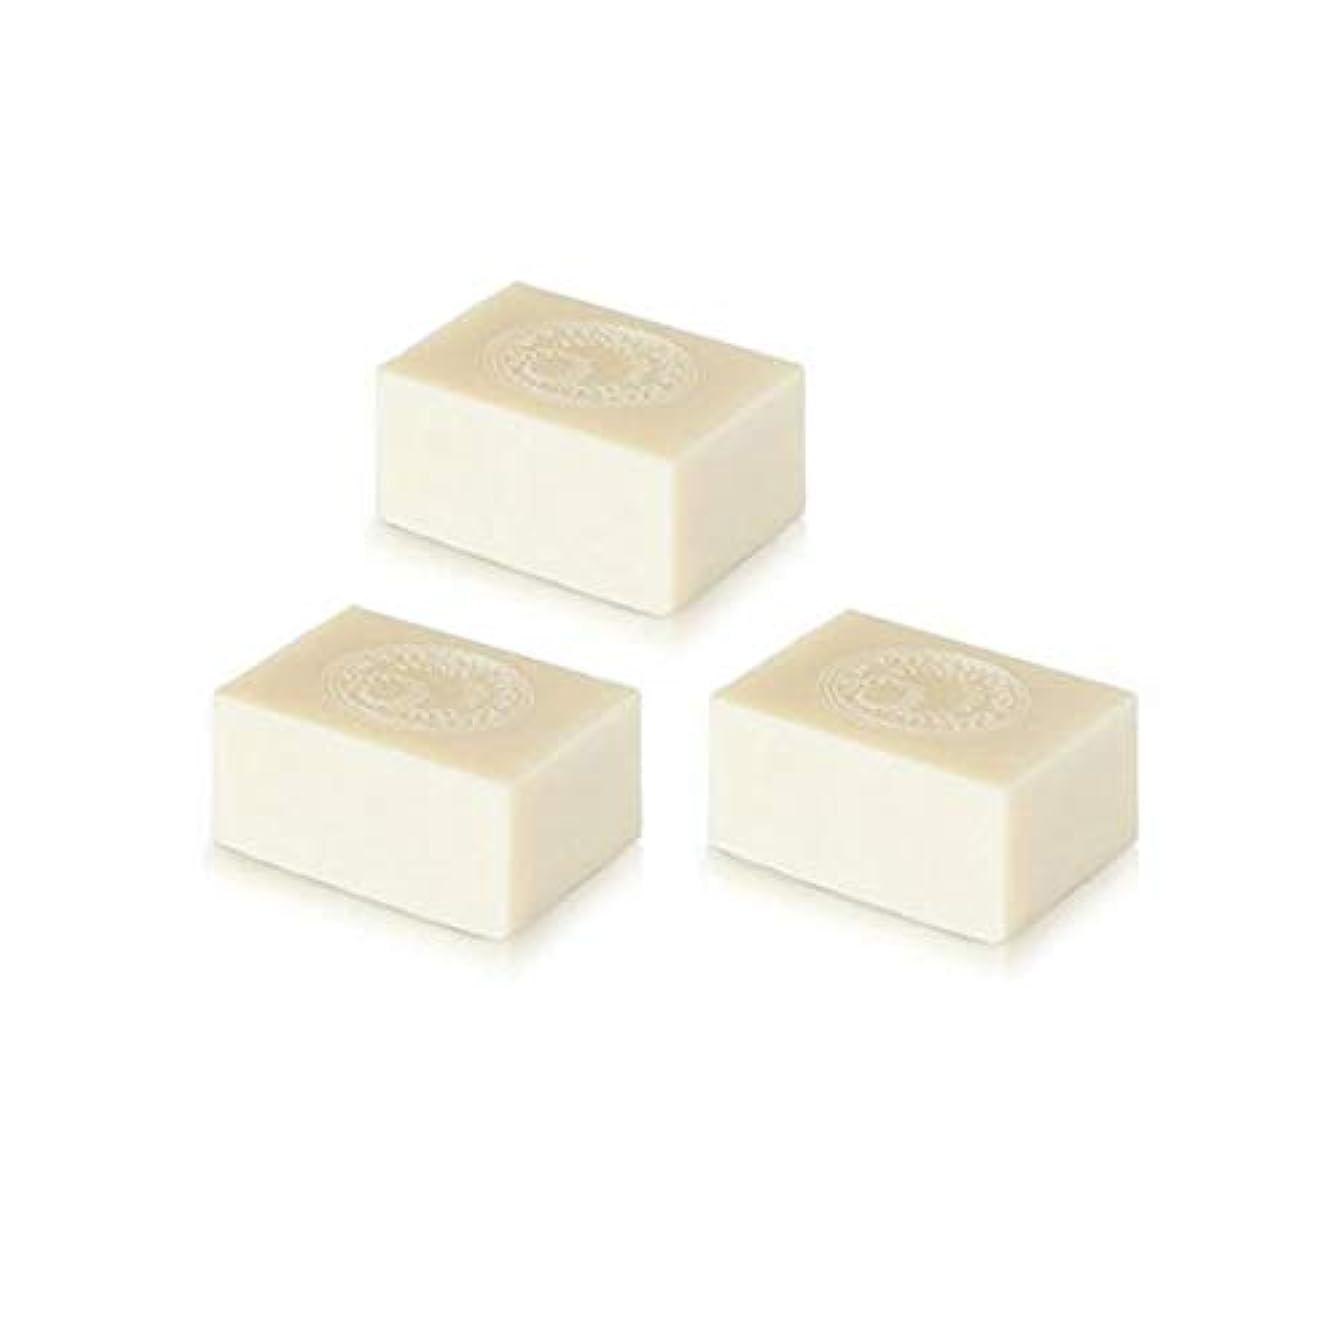 辛なかりて磁石アルガン石鹸3個セット( 145g ×3個) アルガンオイルの完全無添加石鹸